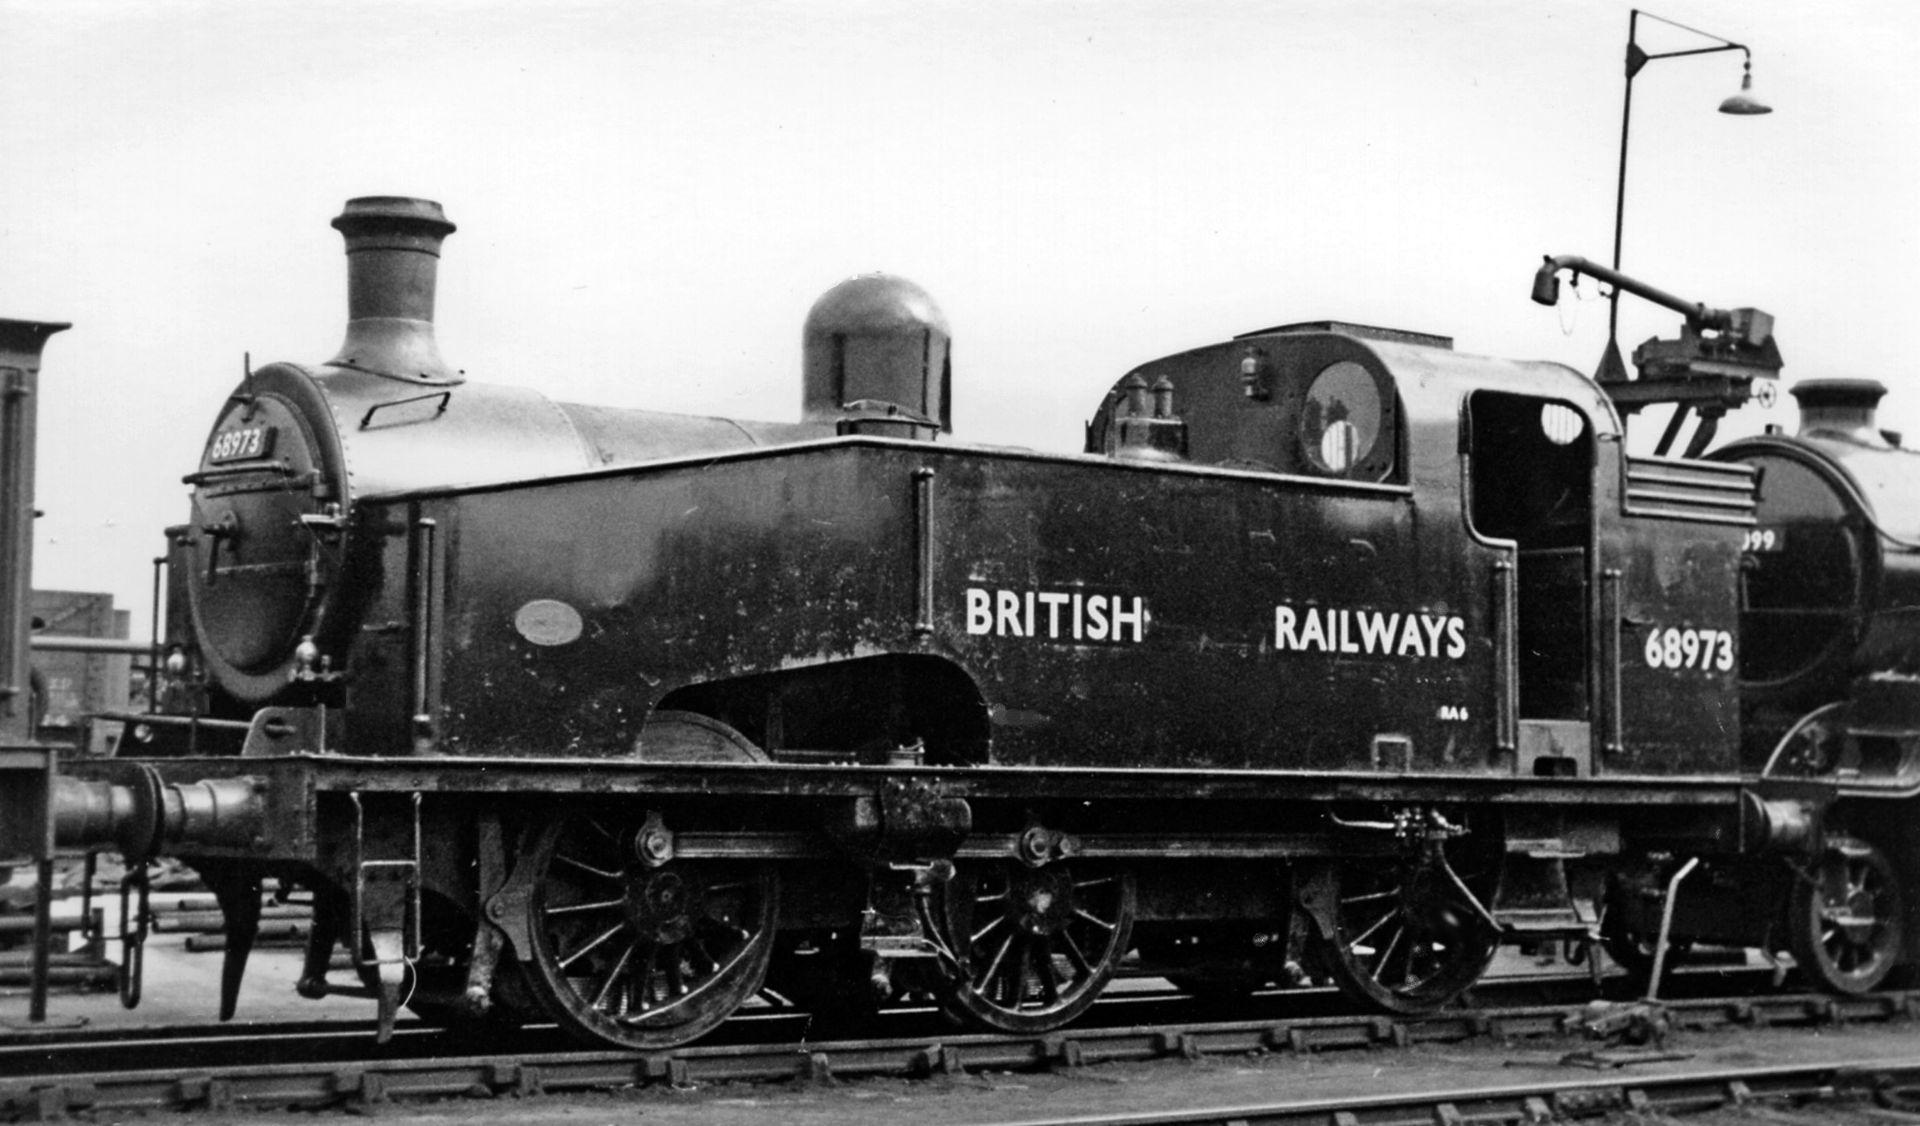 68973 at Doncaster Locomotive Depot in April 1949. © Ben Brooksbank